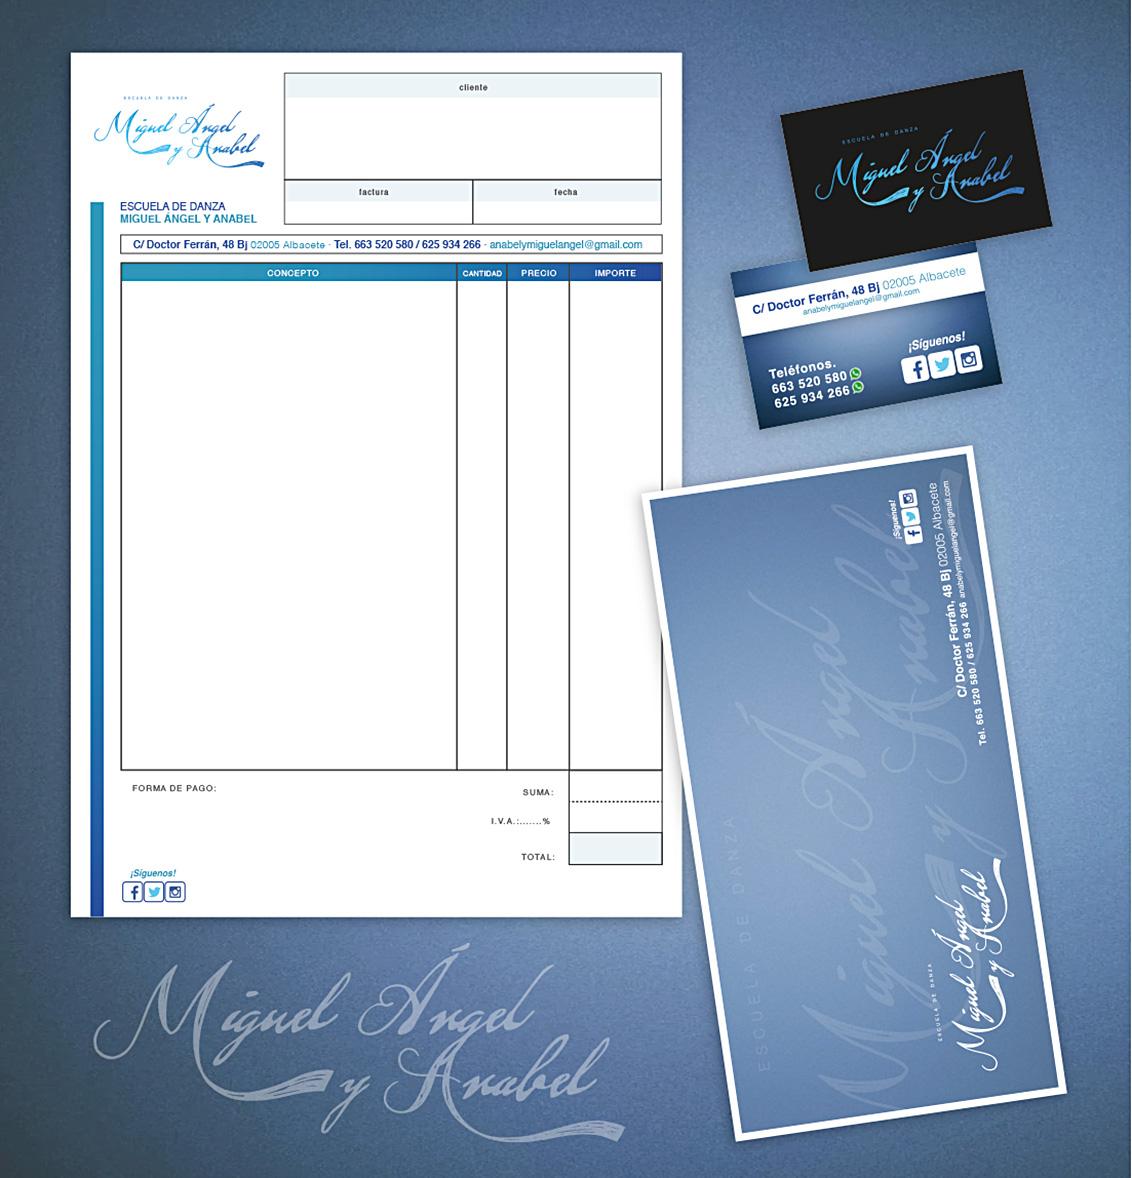 Diseño Gráfico, Branding, papelería corporativa para Miguel Ángel y Anabel